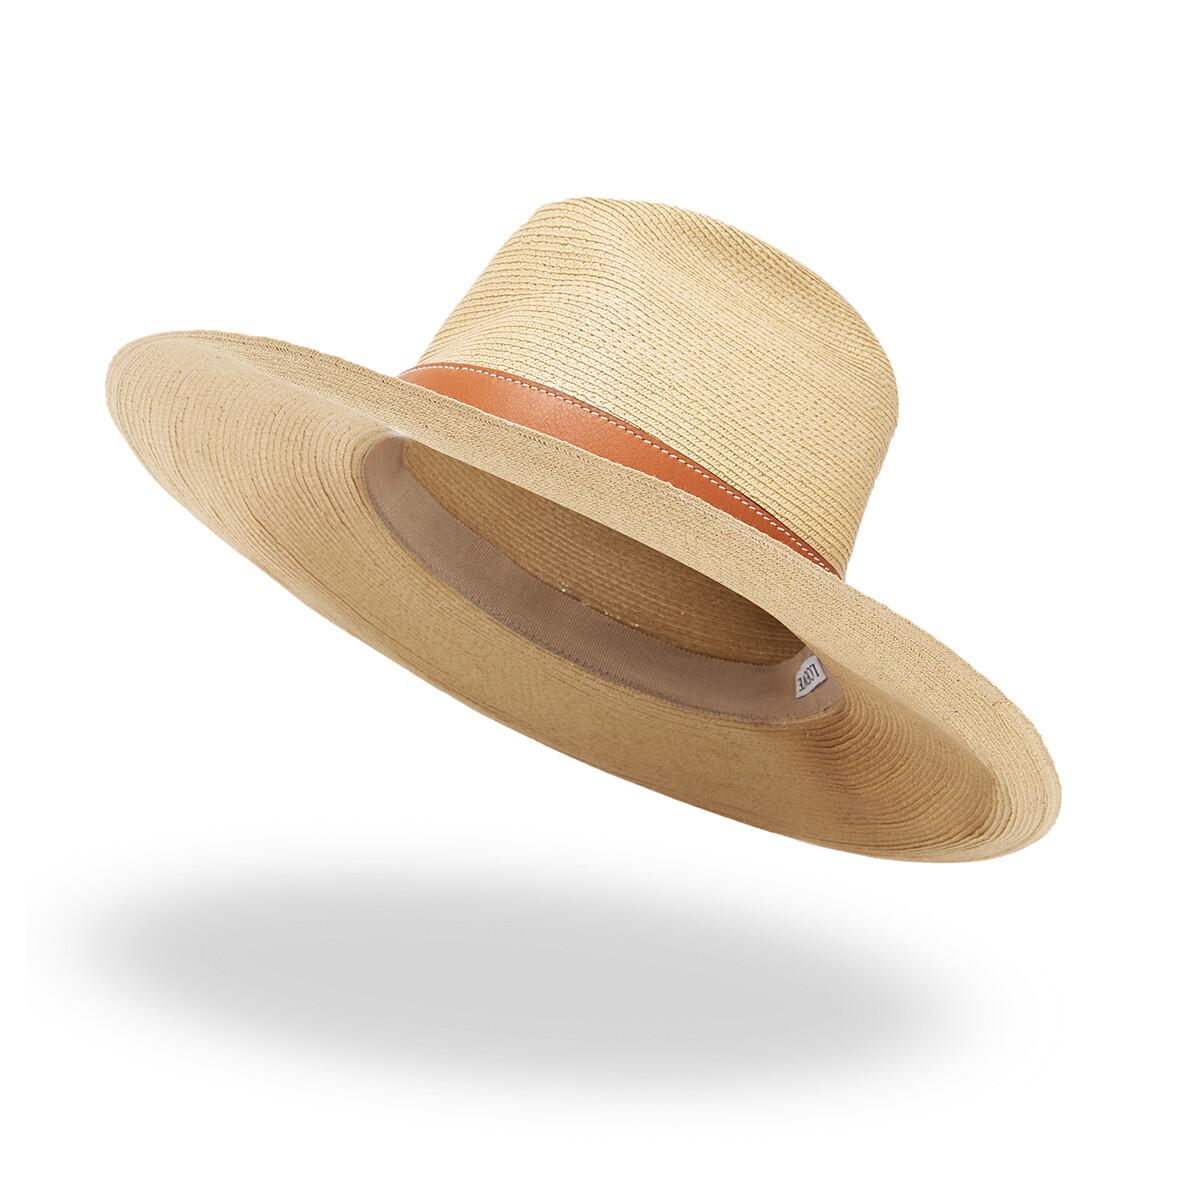 LOEWE Paula Straw Hat Natural/Tan front